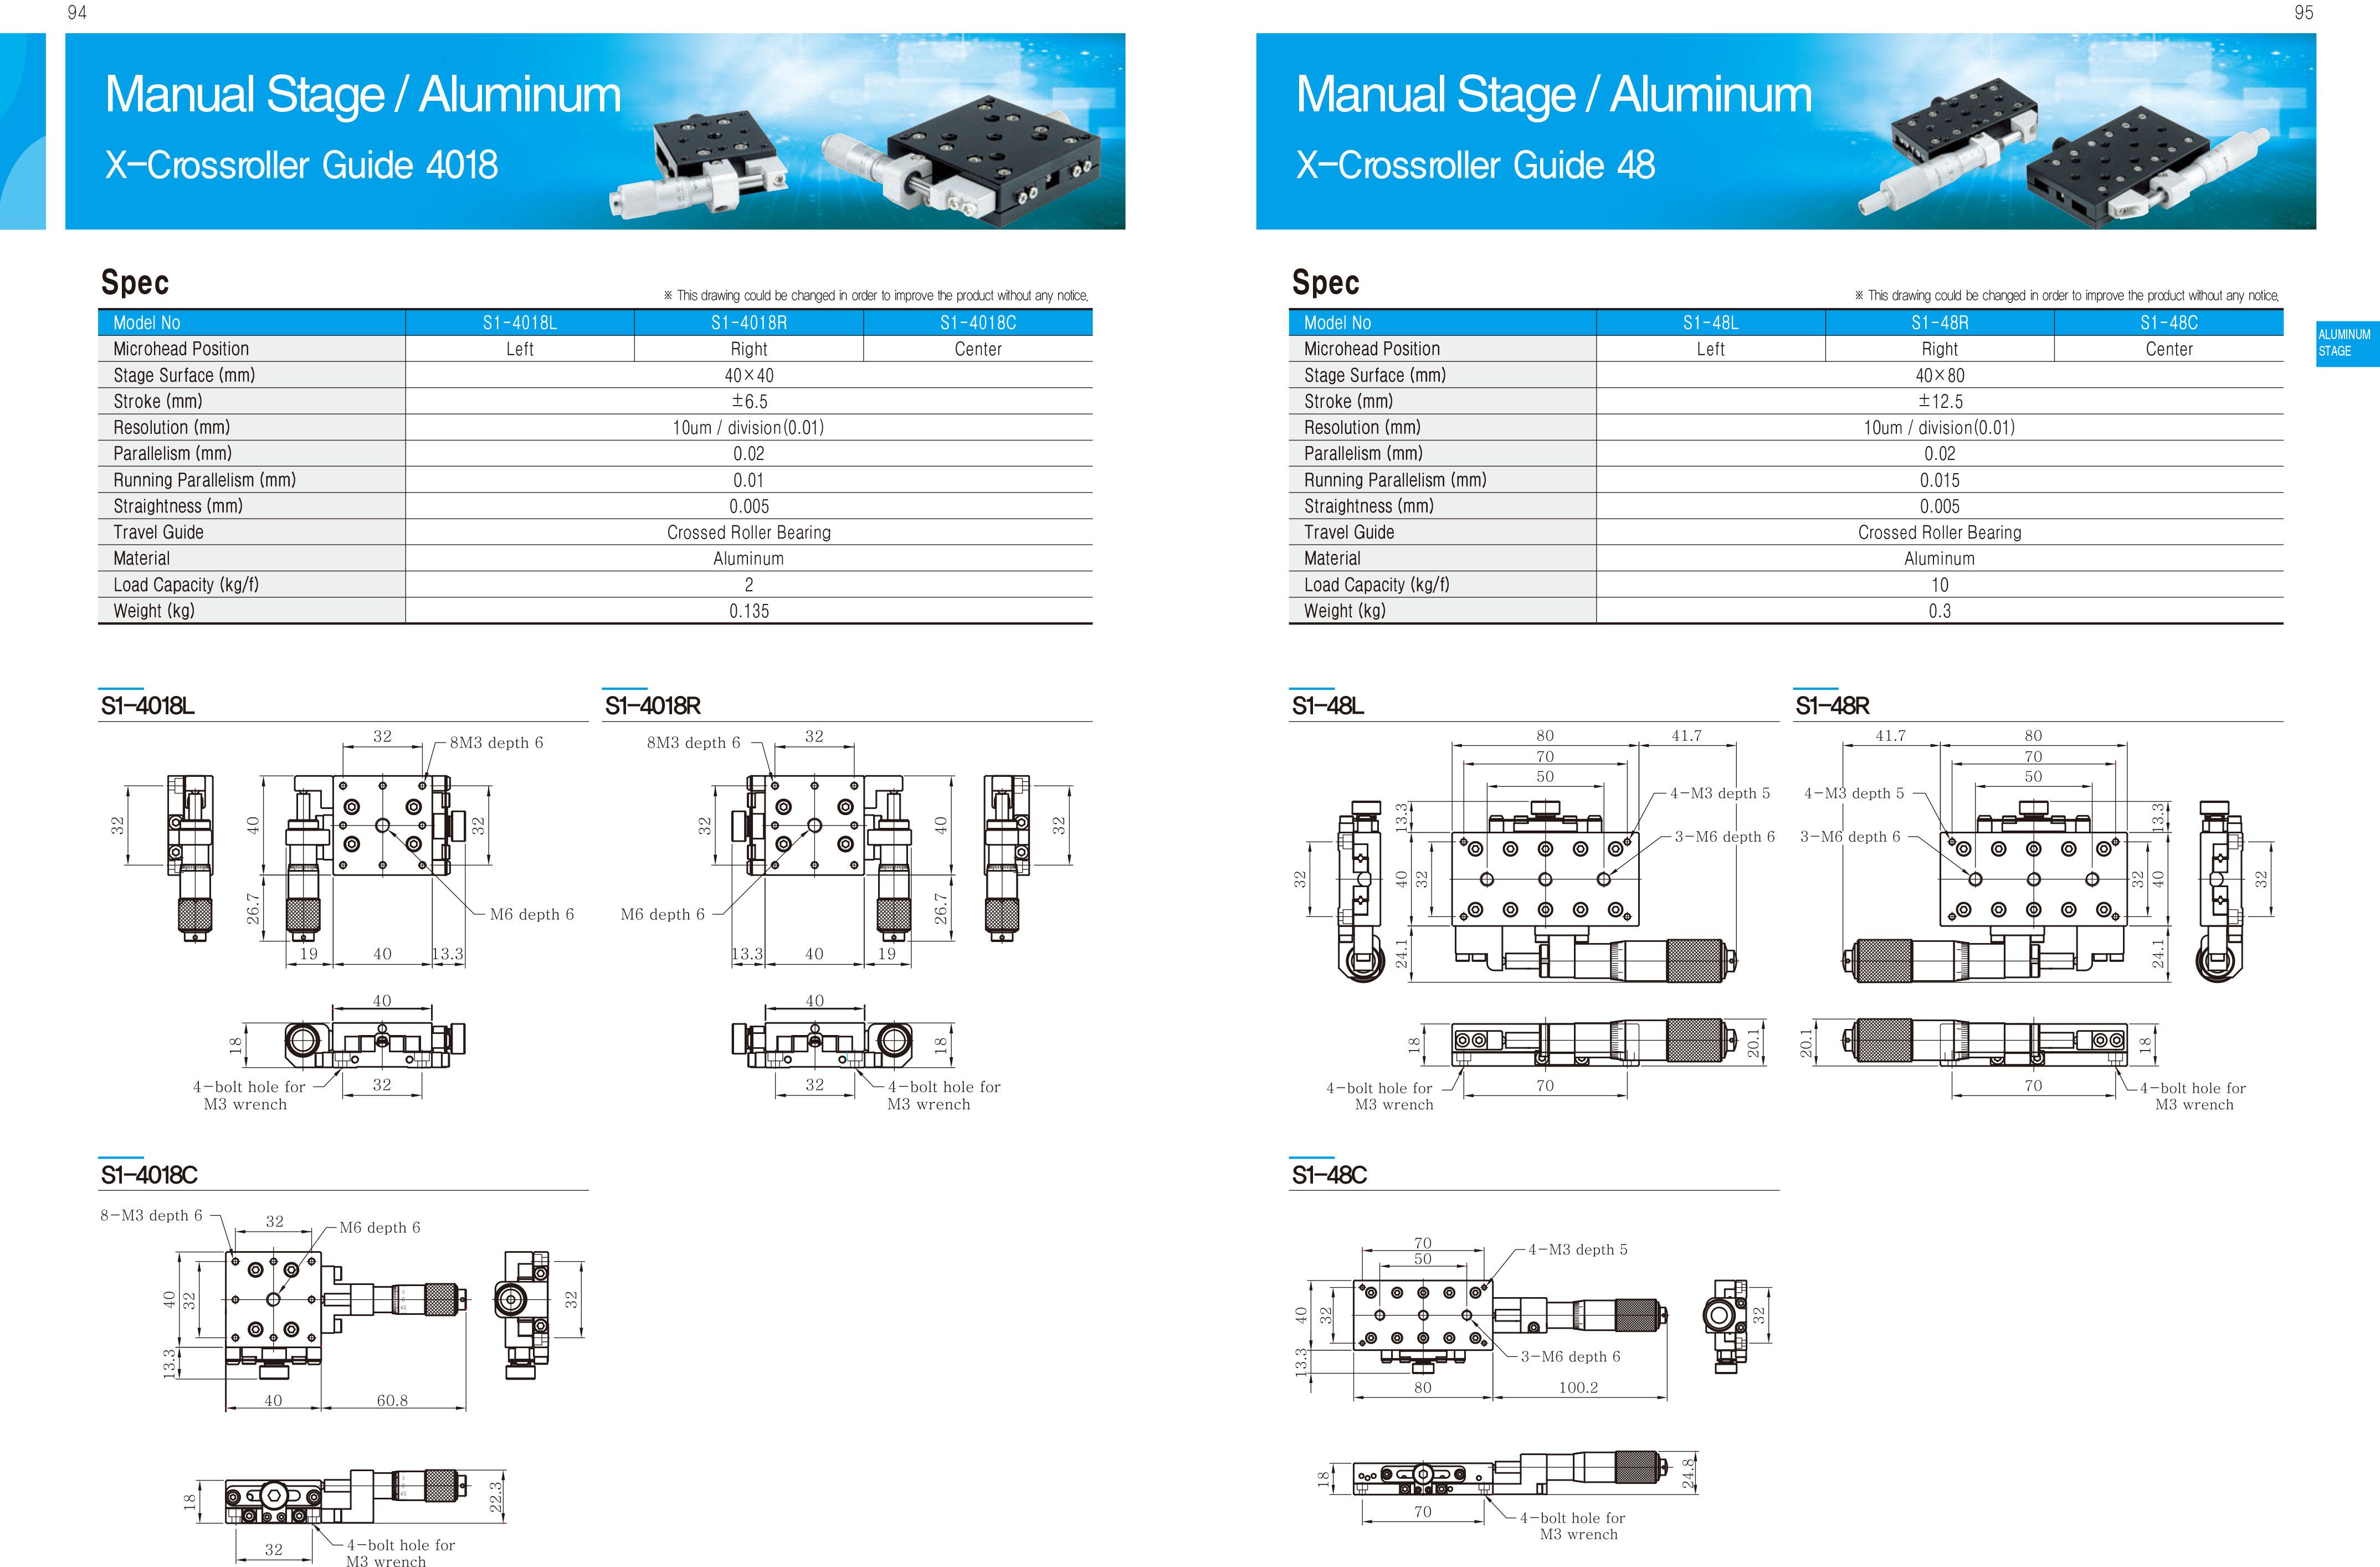 DPIN-Aluminum-精密滑台-3